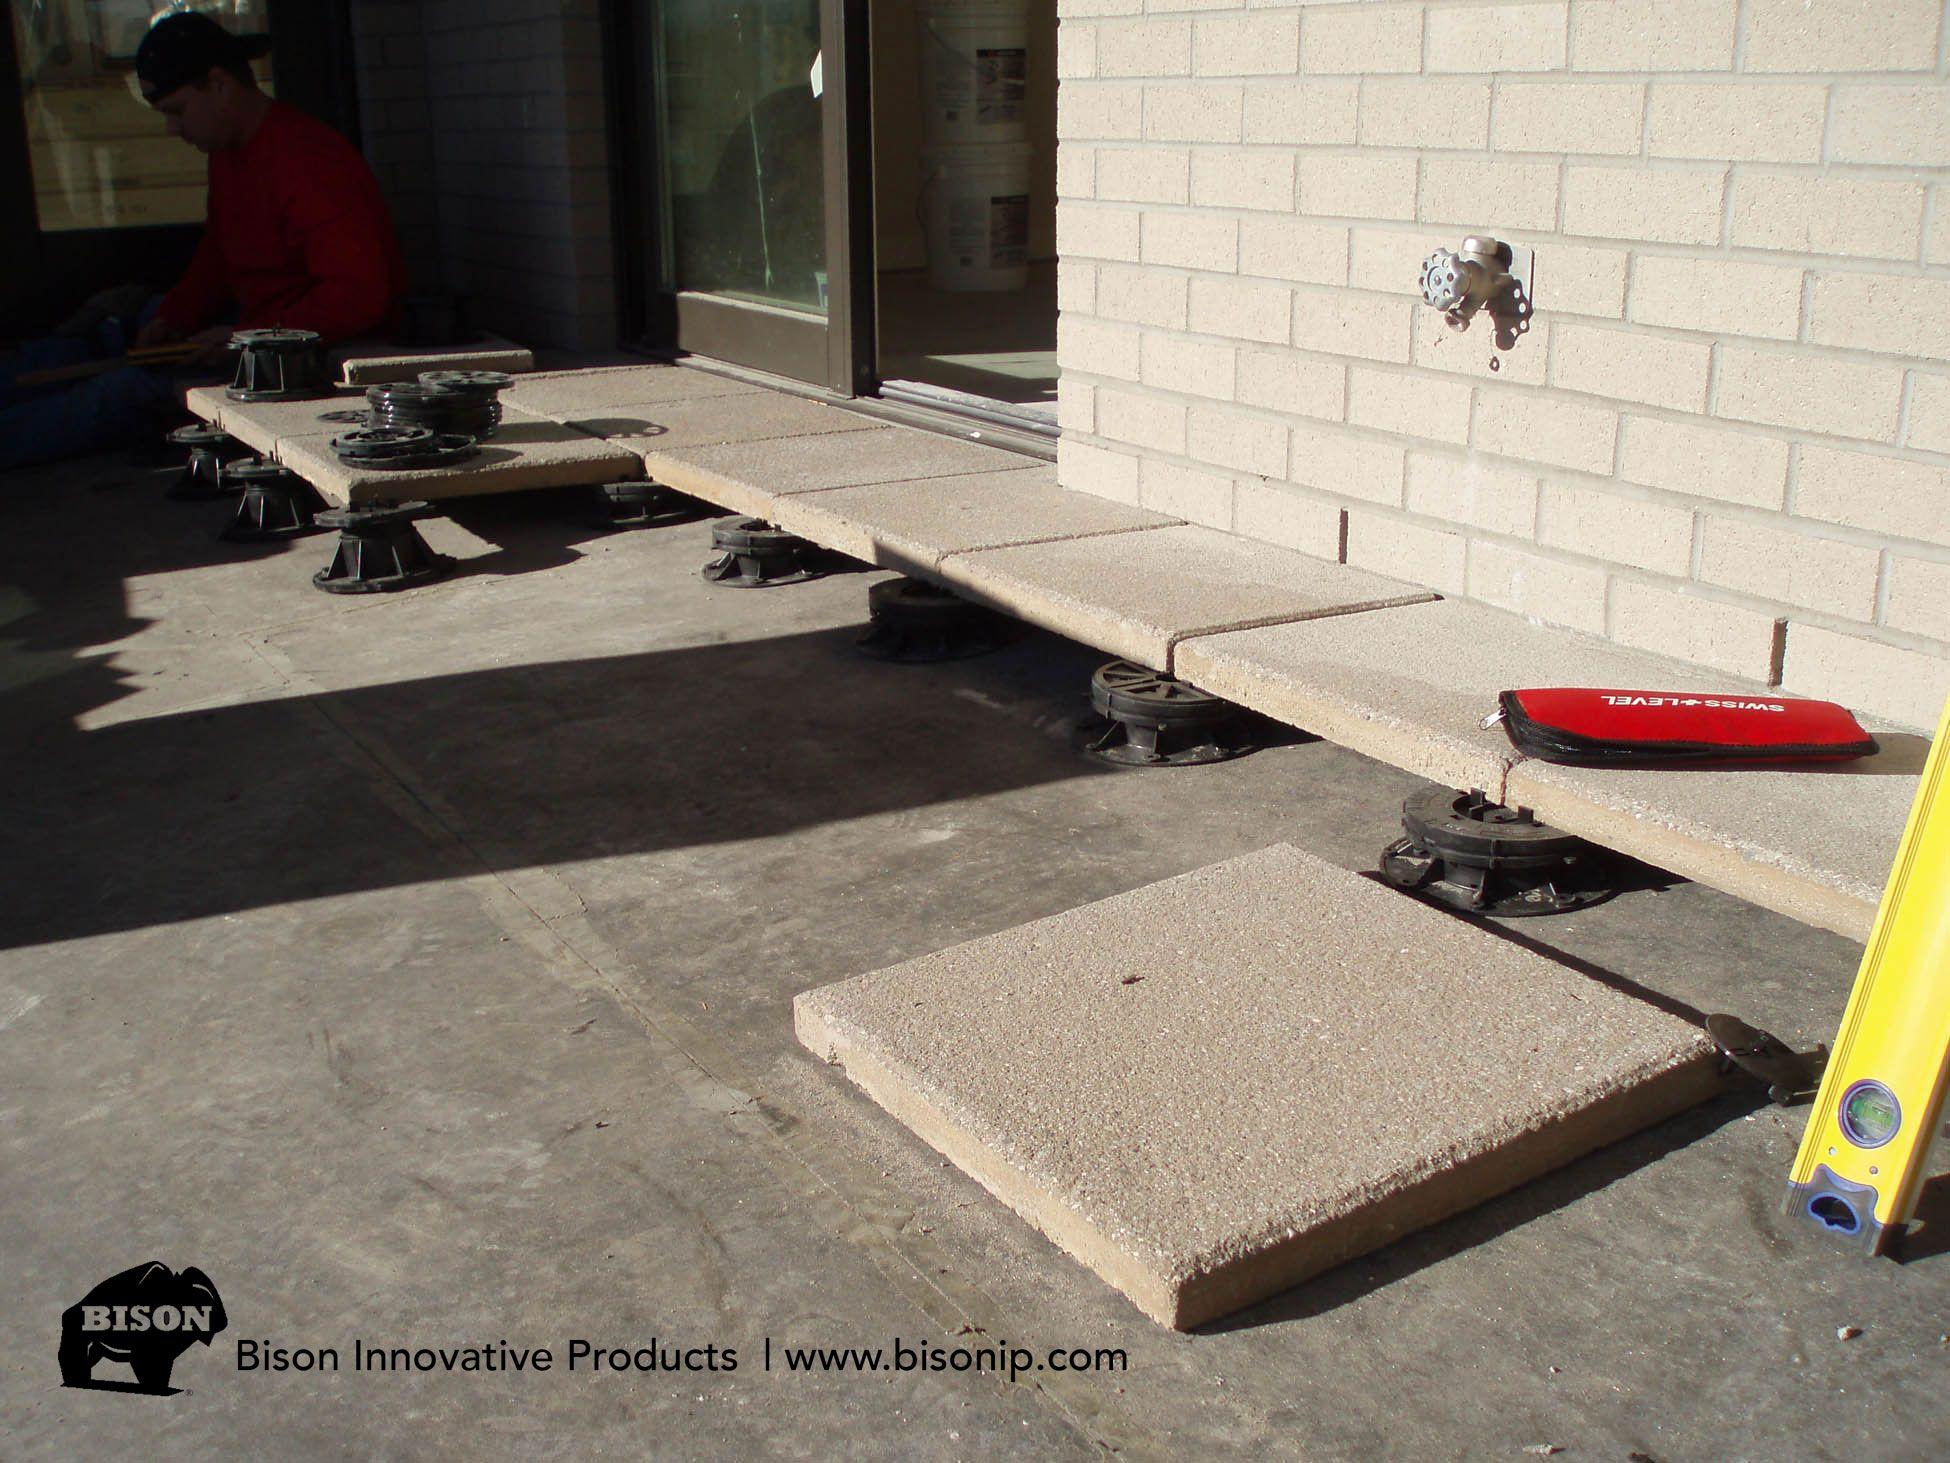 Bison Adjustable Deck Supports Pation Installion Using Concrete Paver Tiles Unique Outdoor Spaces Building A Deck Deck Supports